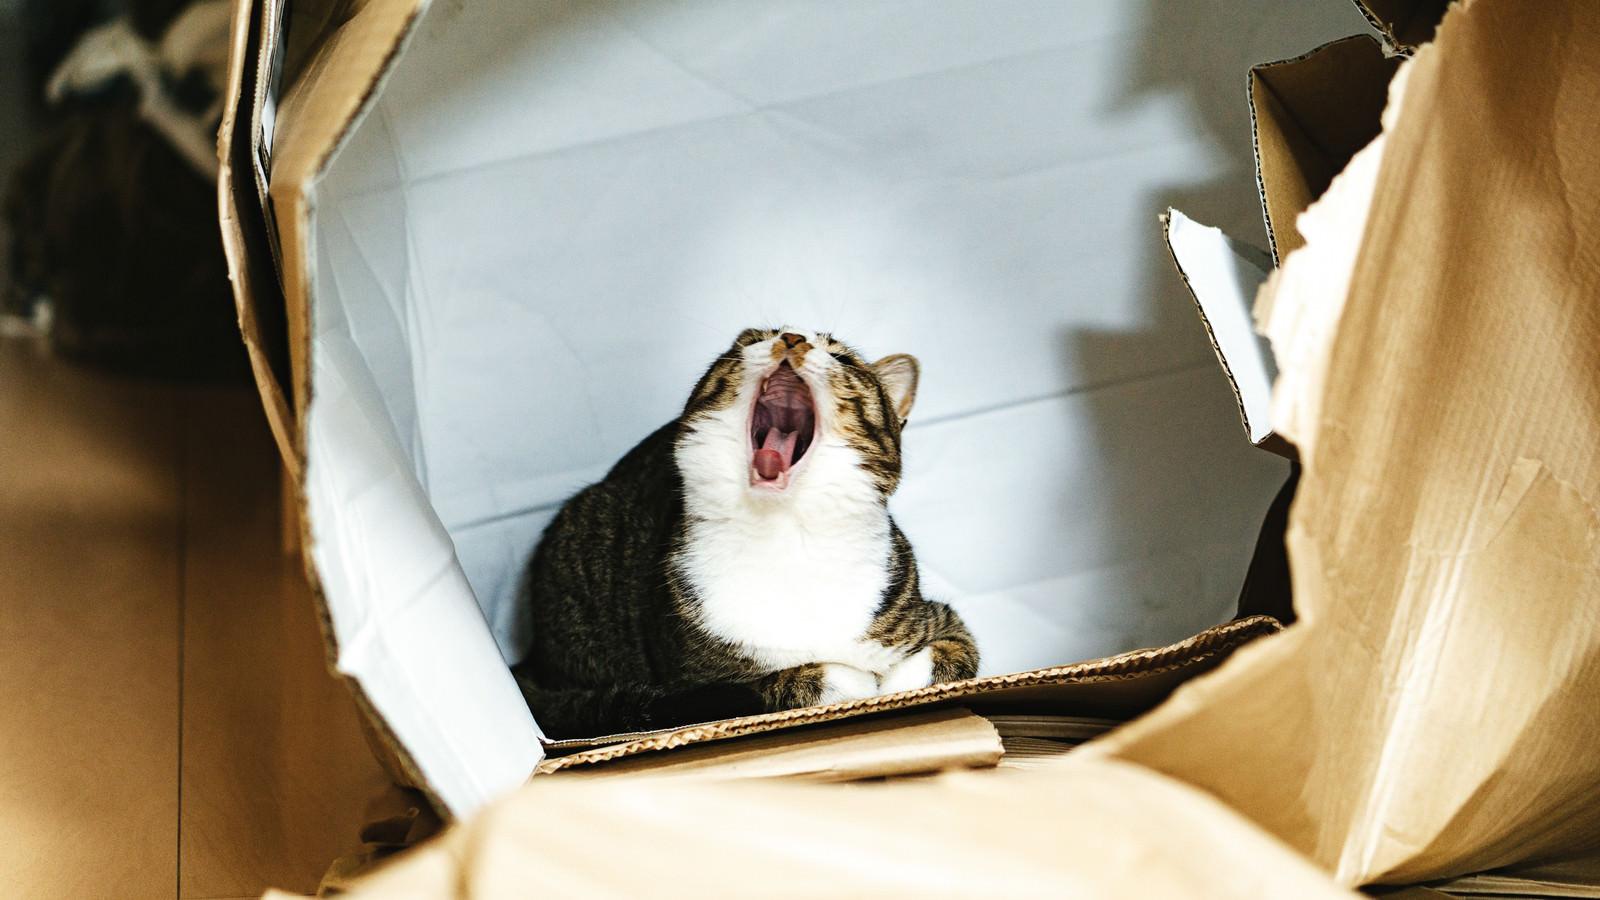 「空き箱の中で大あくびする猫」の写真